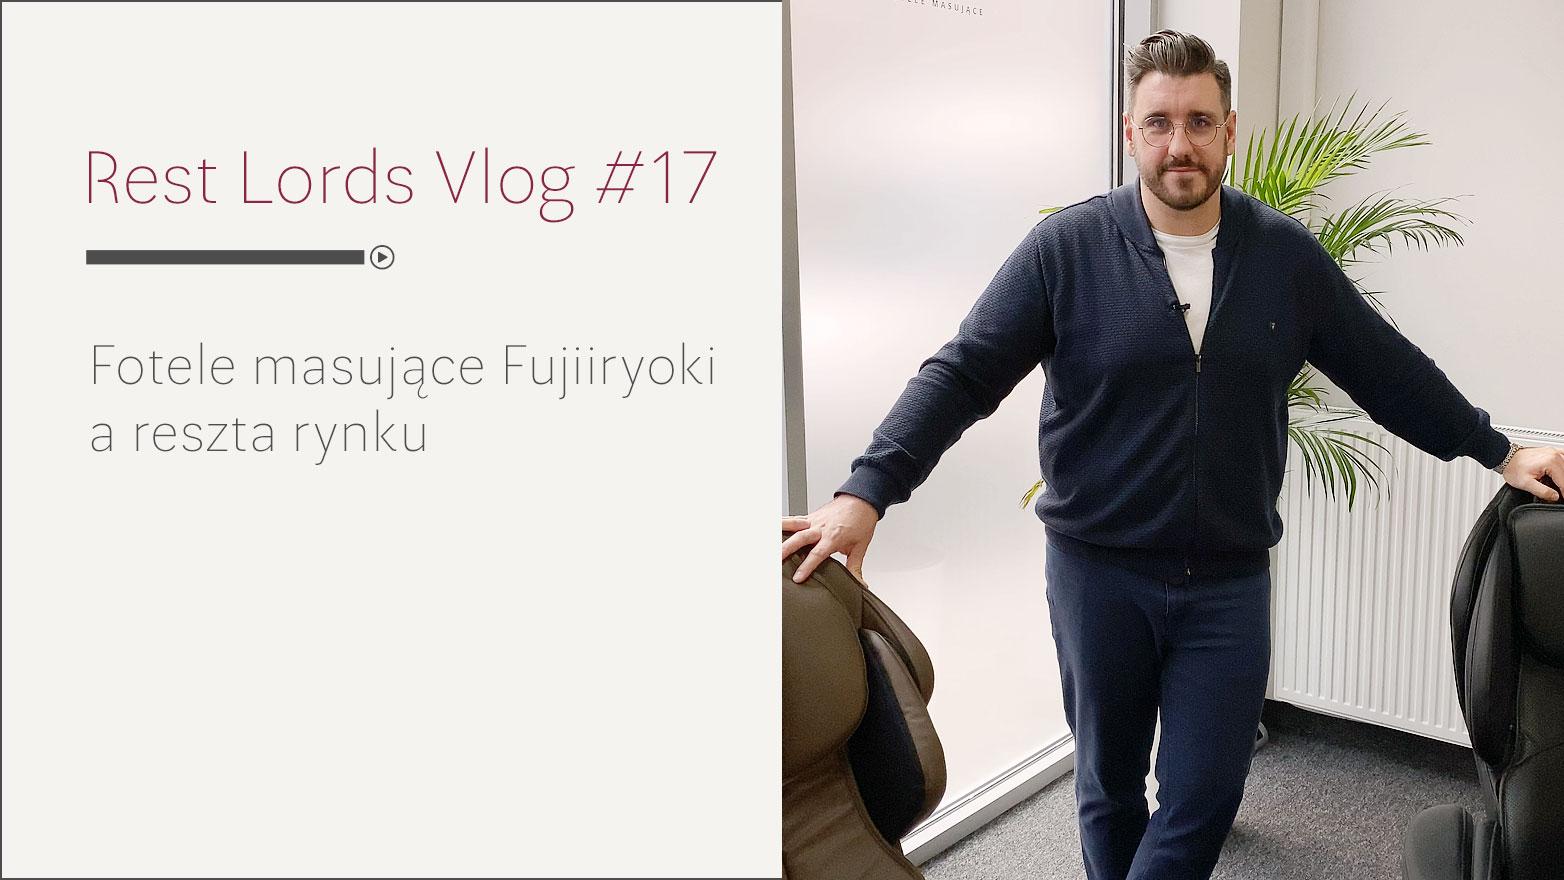 Fotele masujące Fujiiryoki a reszta rynku